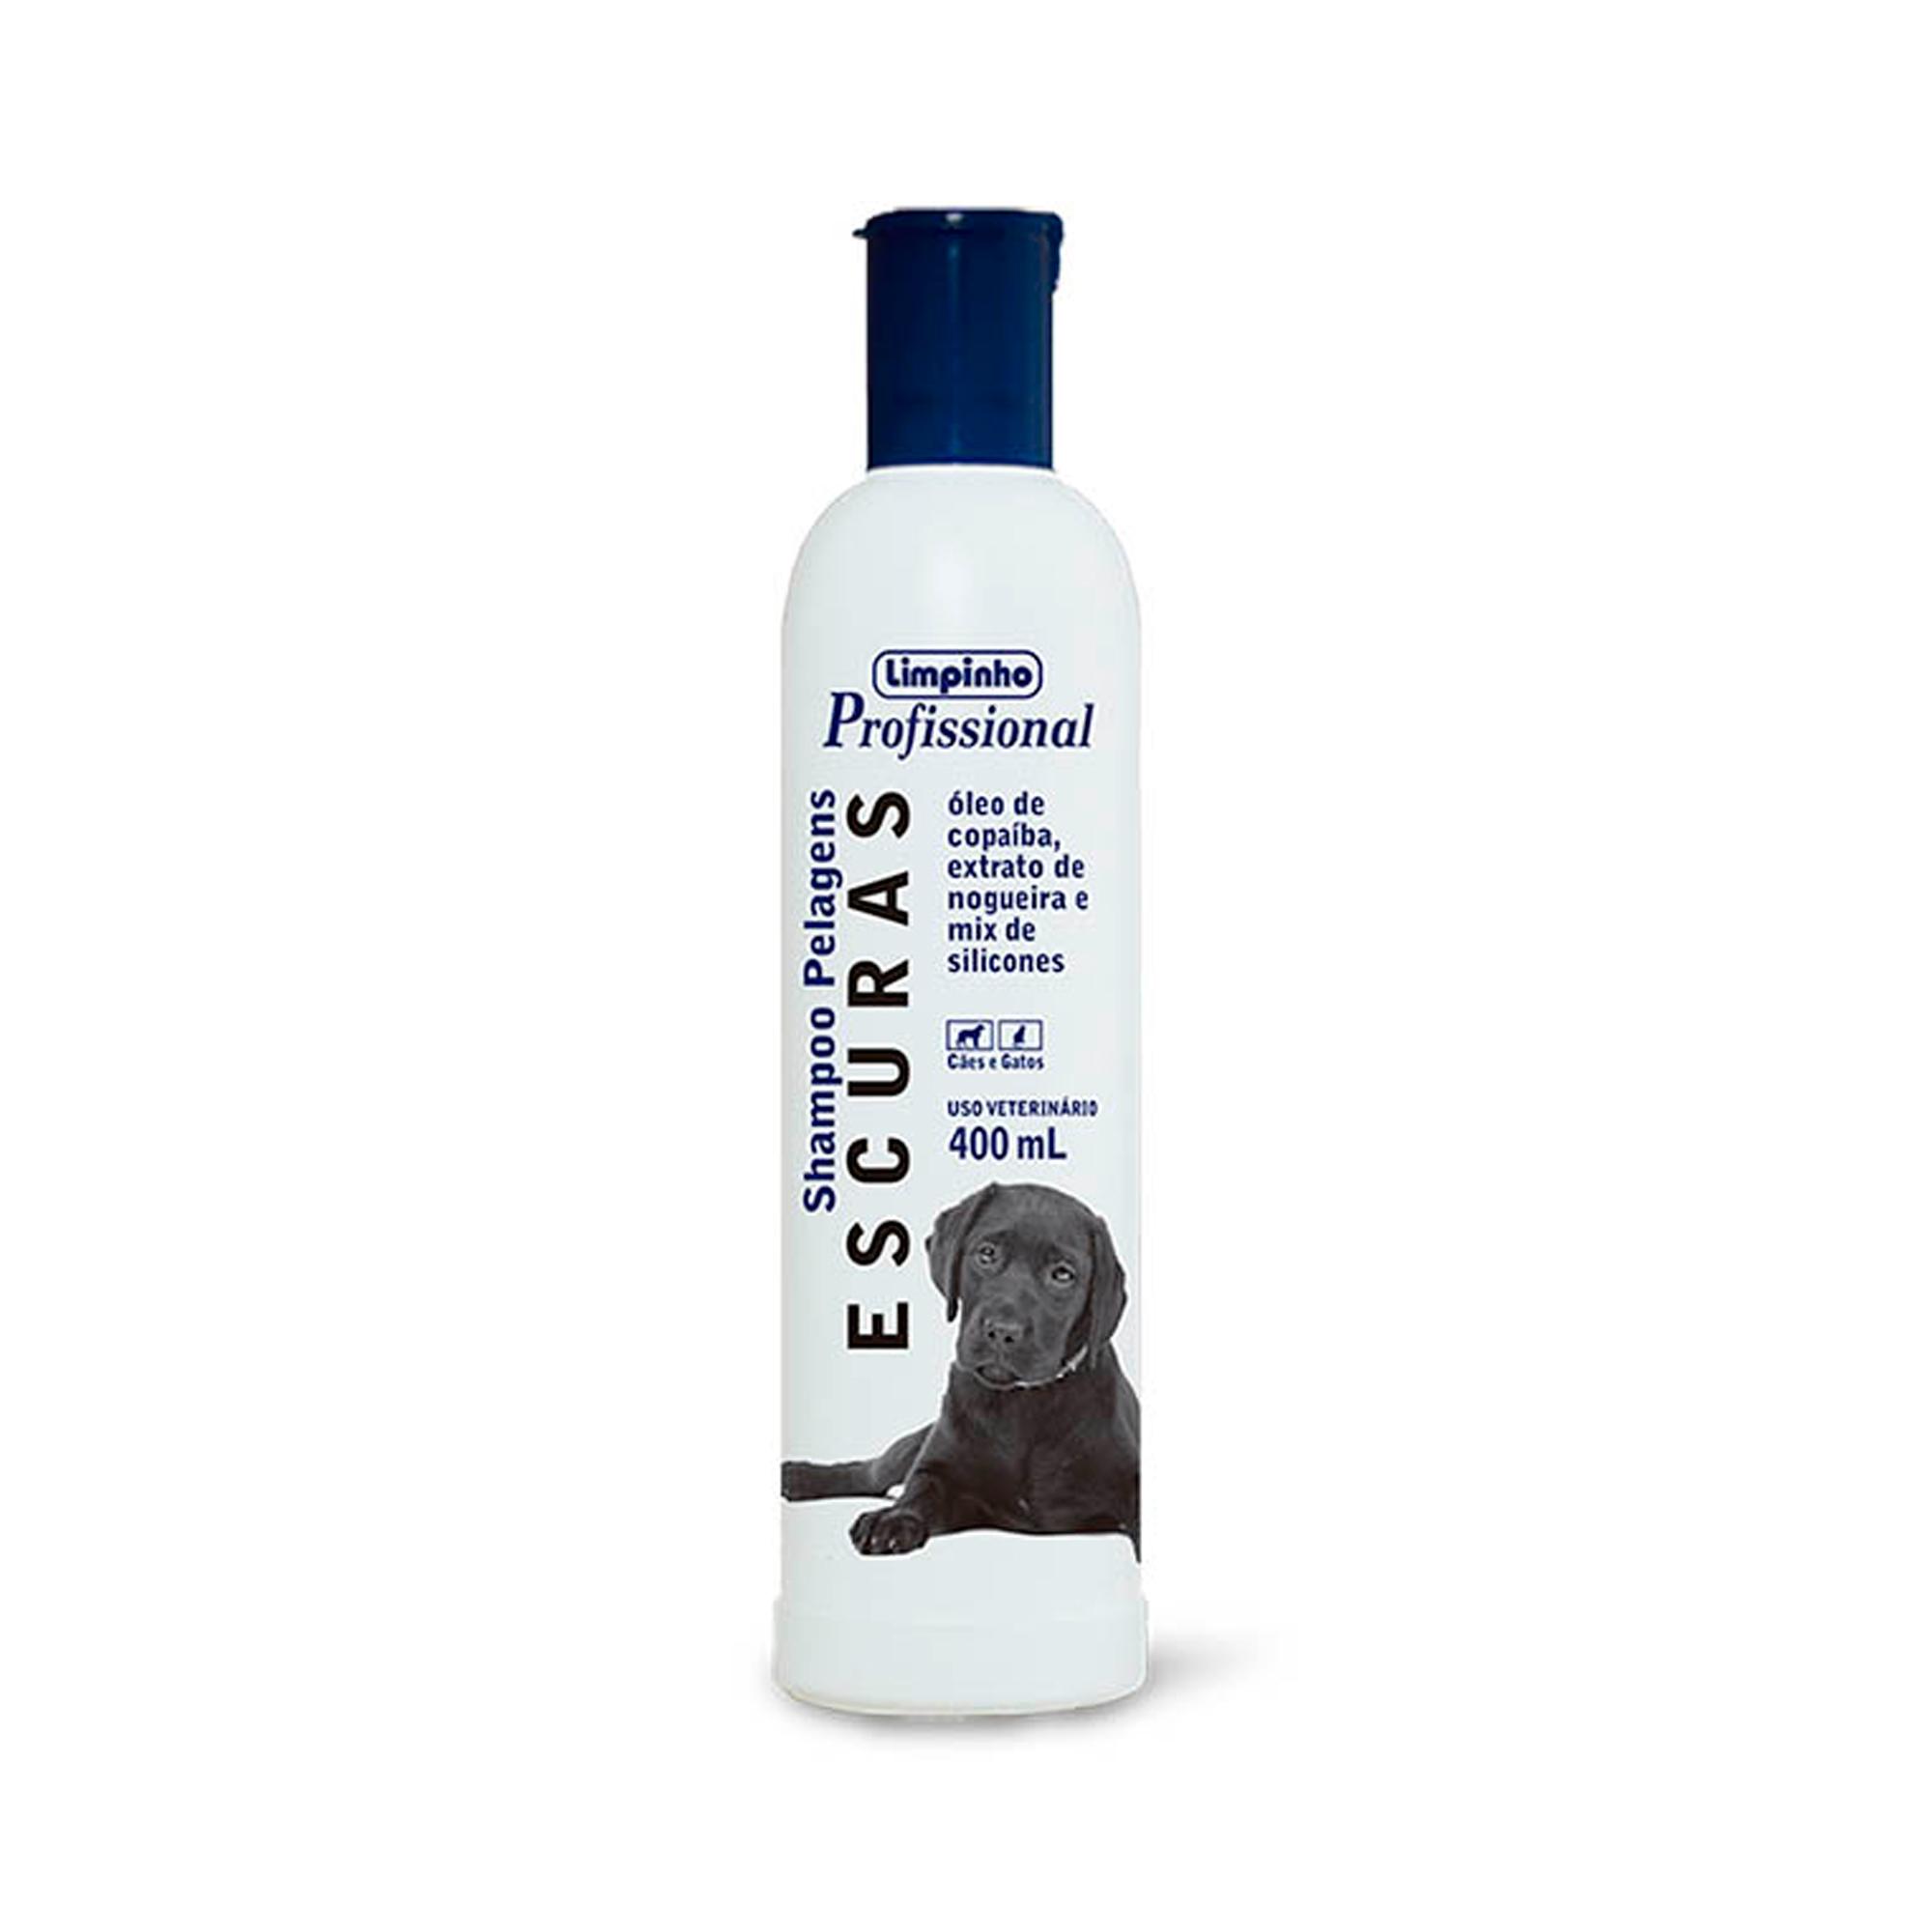 Shampoo Profissional Pelos Escuros Limpinho 400ml